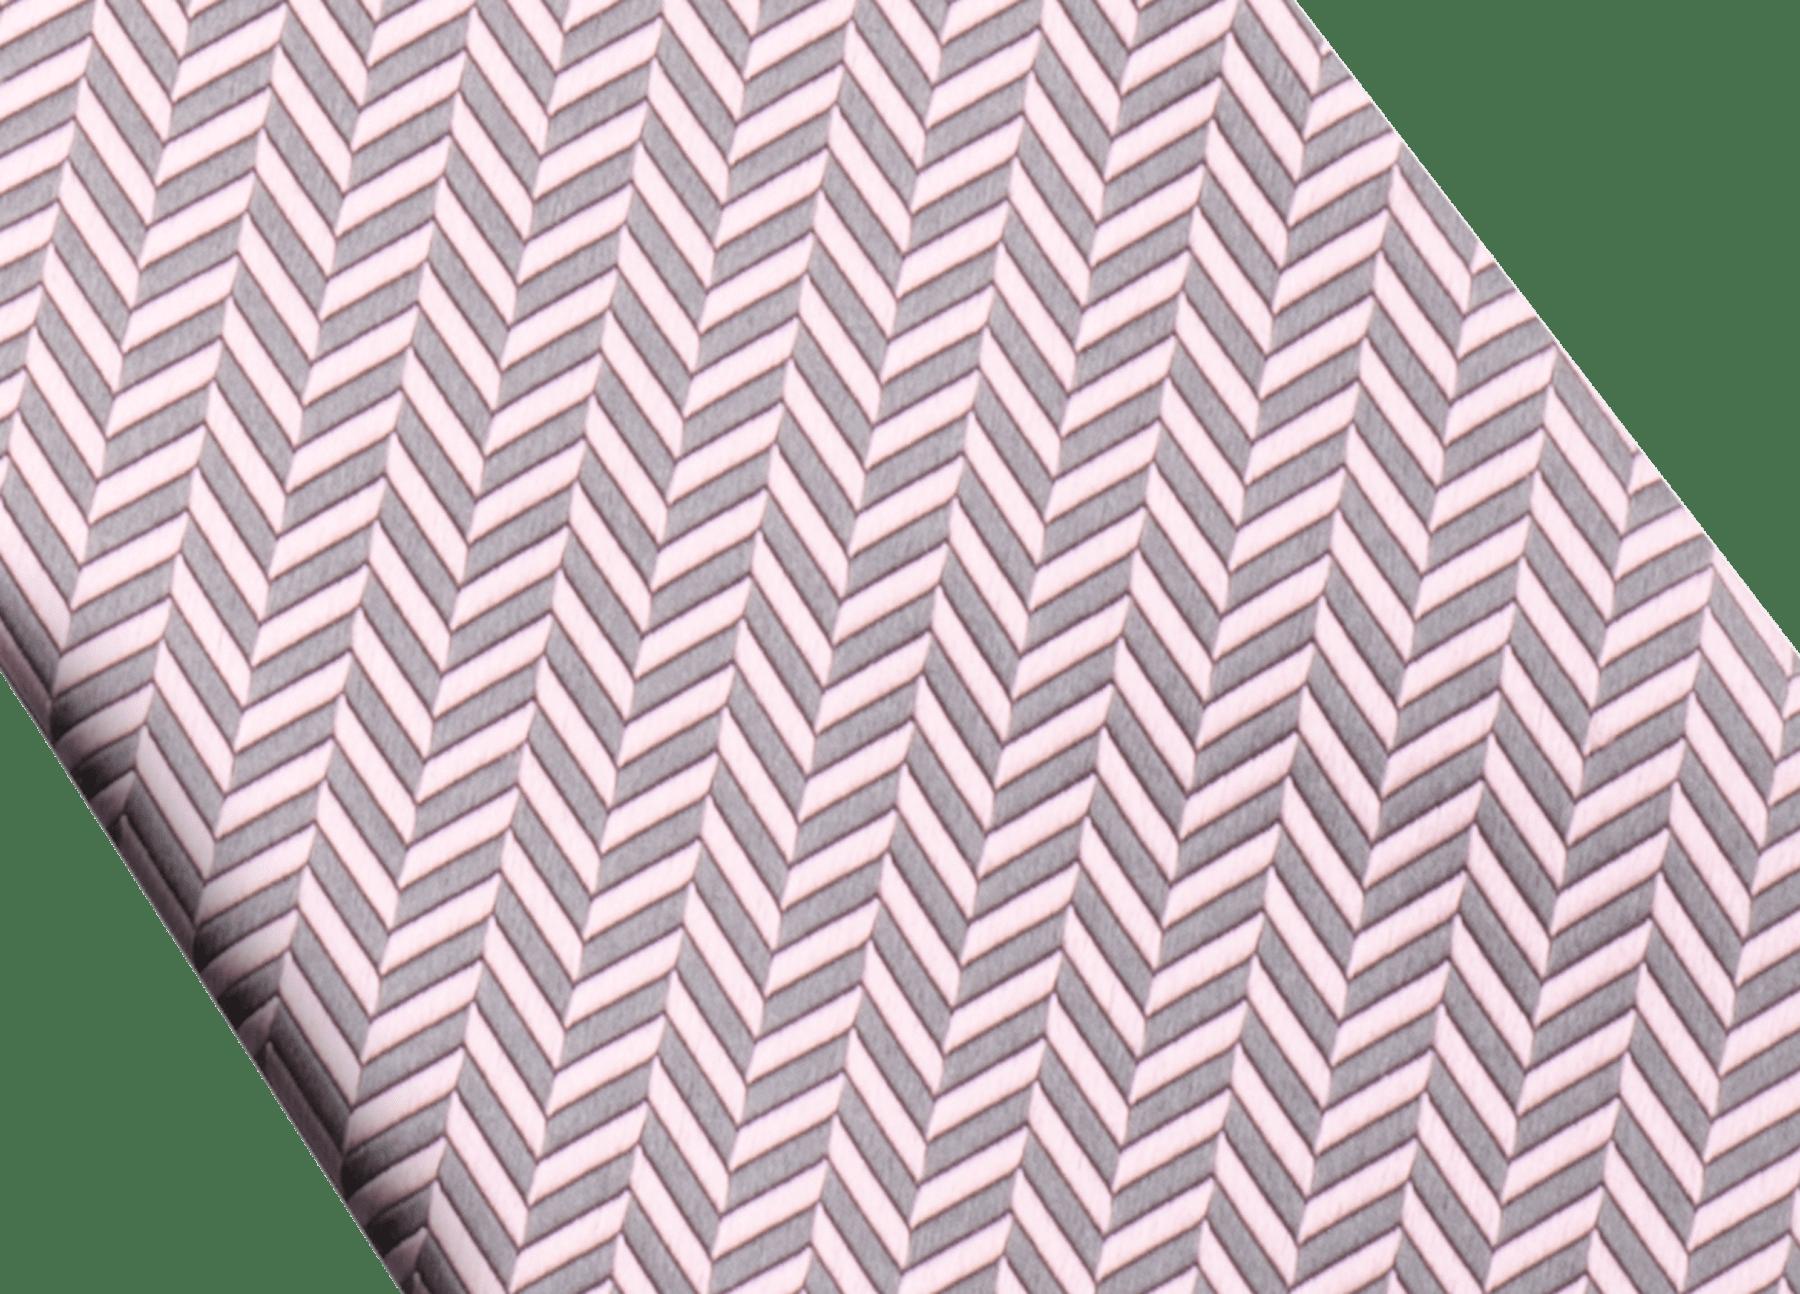 グレーのシェバ―ハート セブンフォールドネクタイ。上質なジャカードシルク製。 244419 image 2